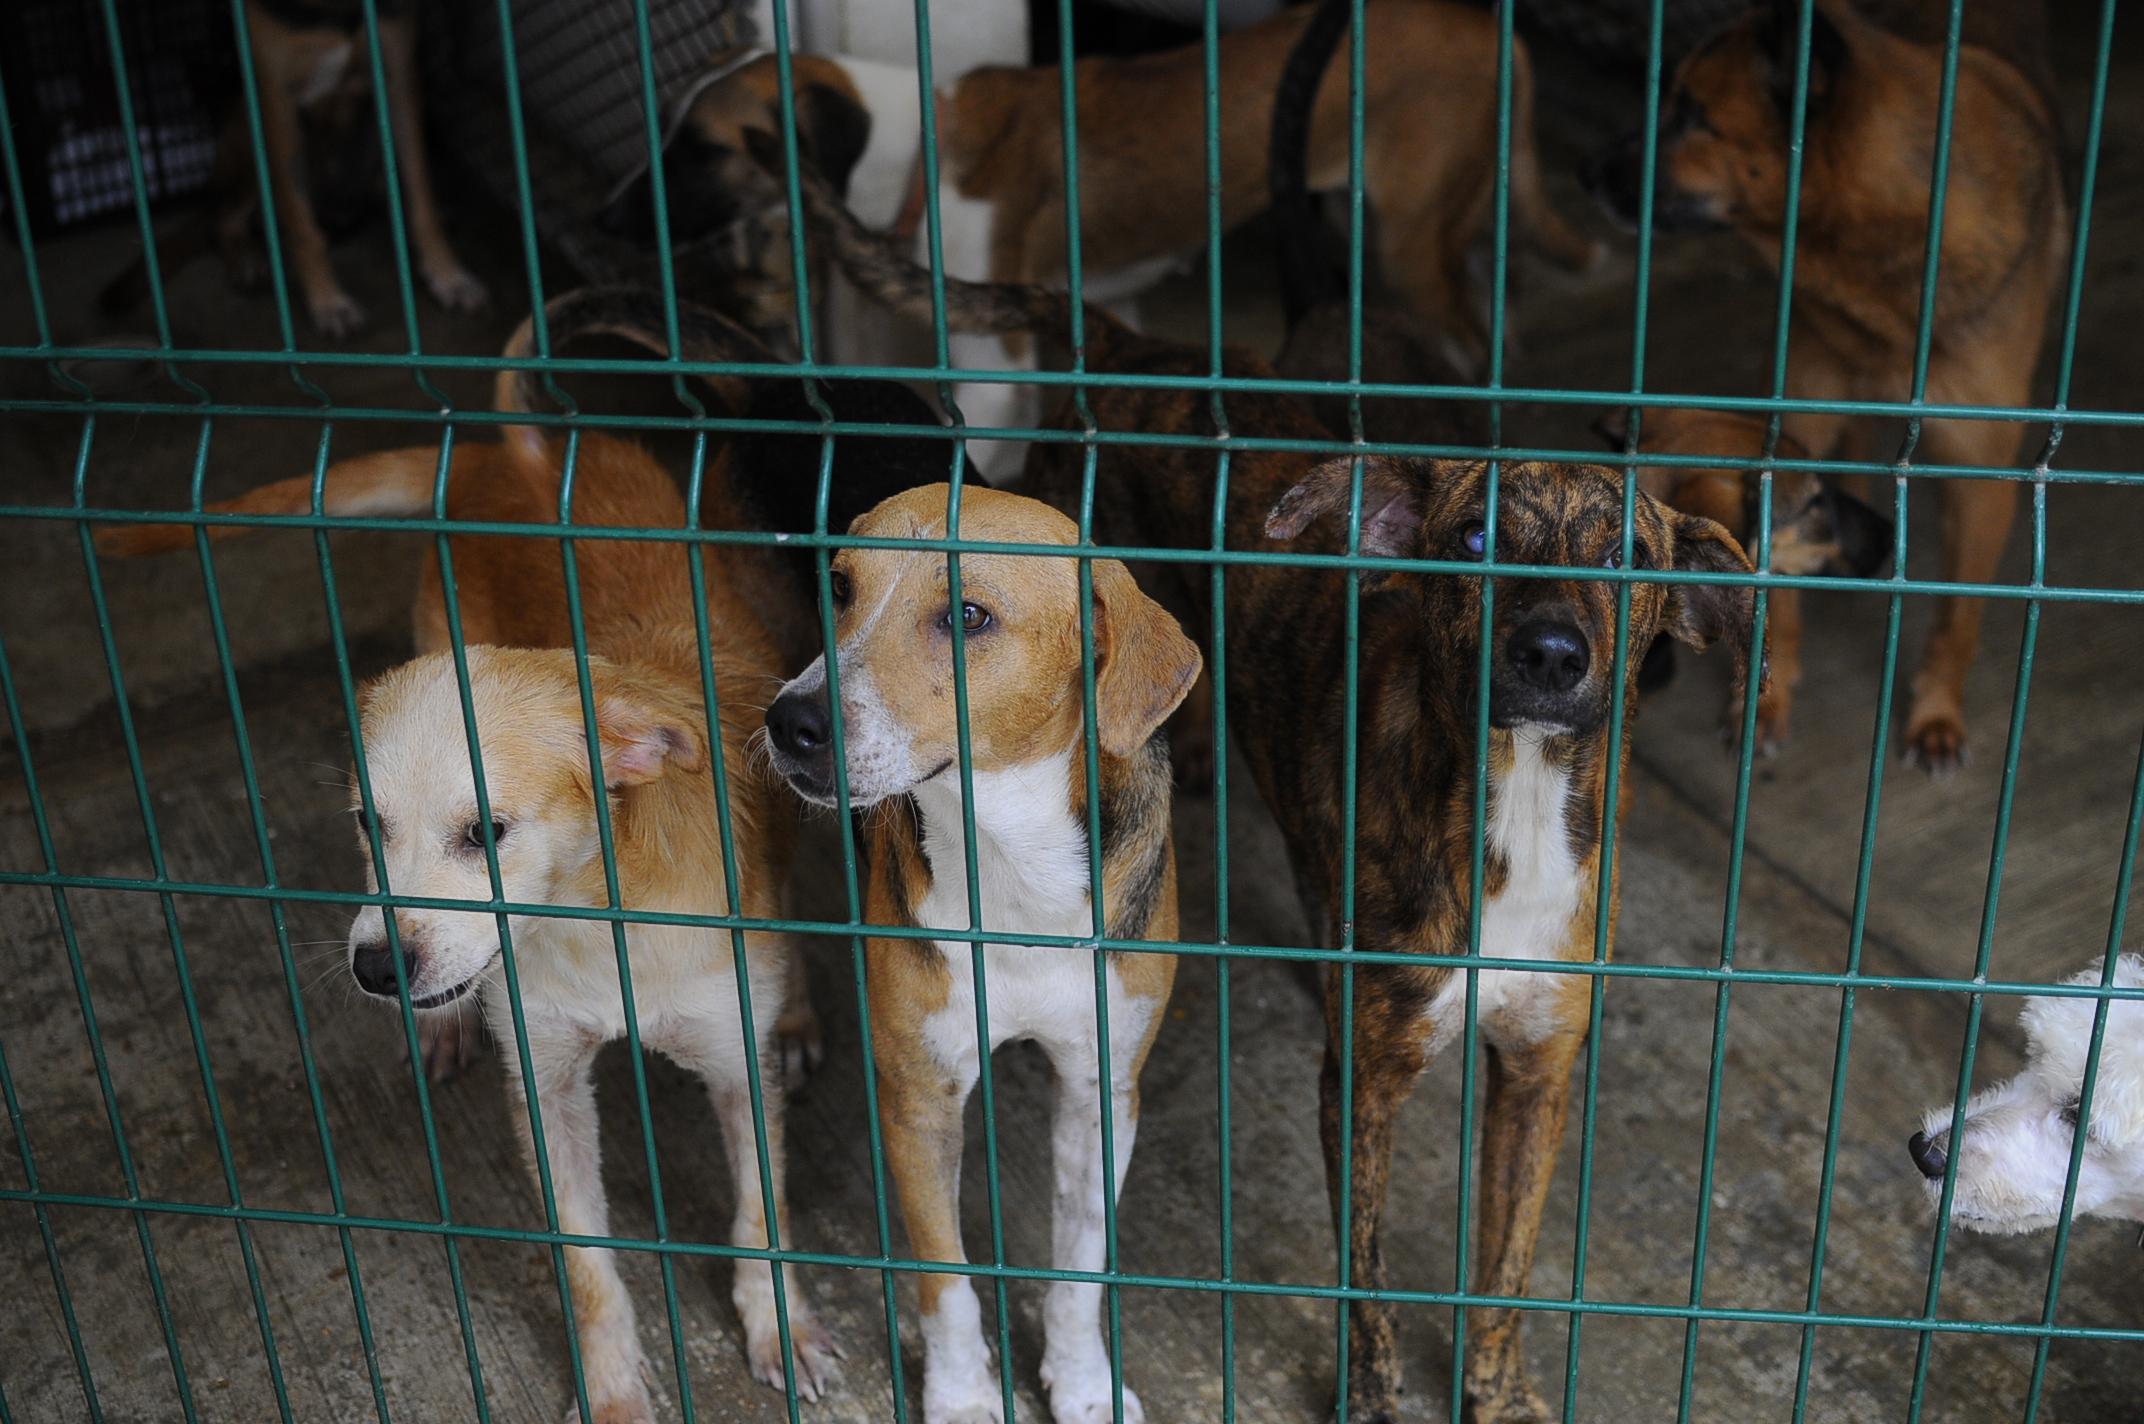 Saturado el centro de control animal de Coatzacoalcos: Amedea